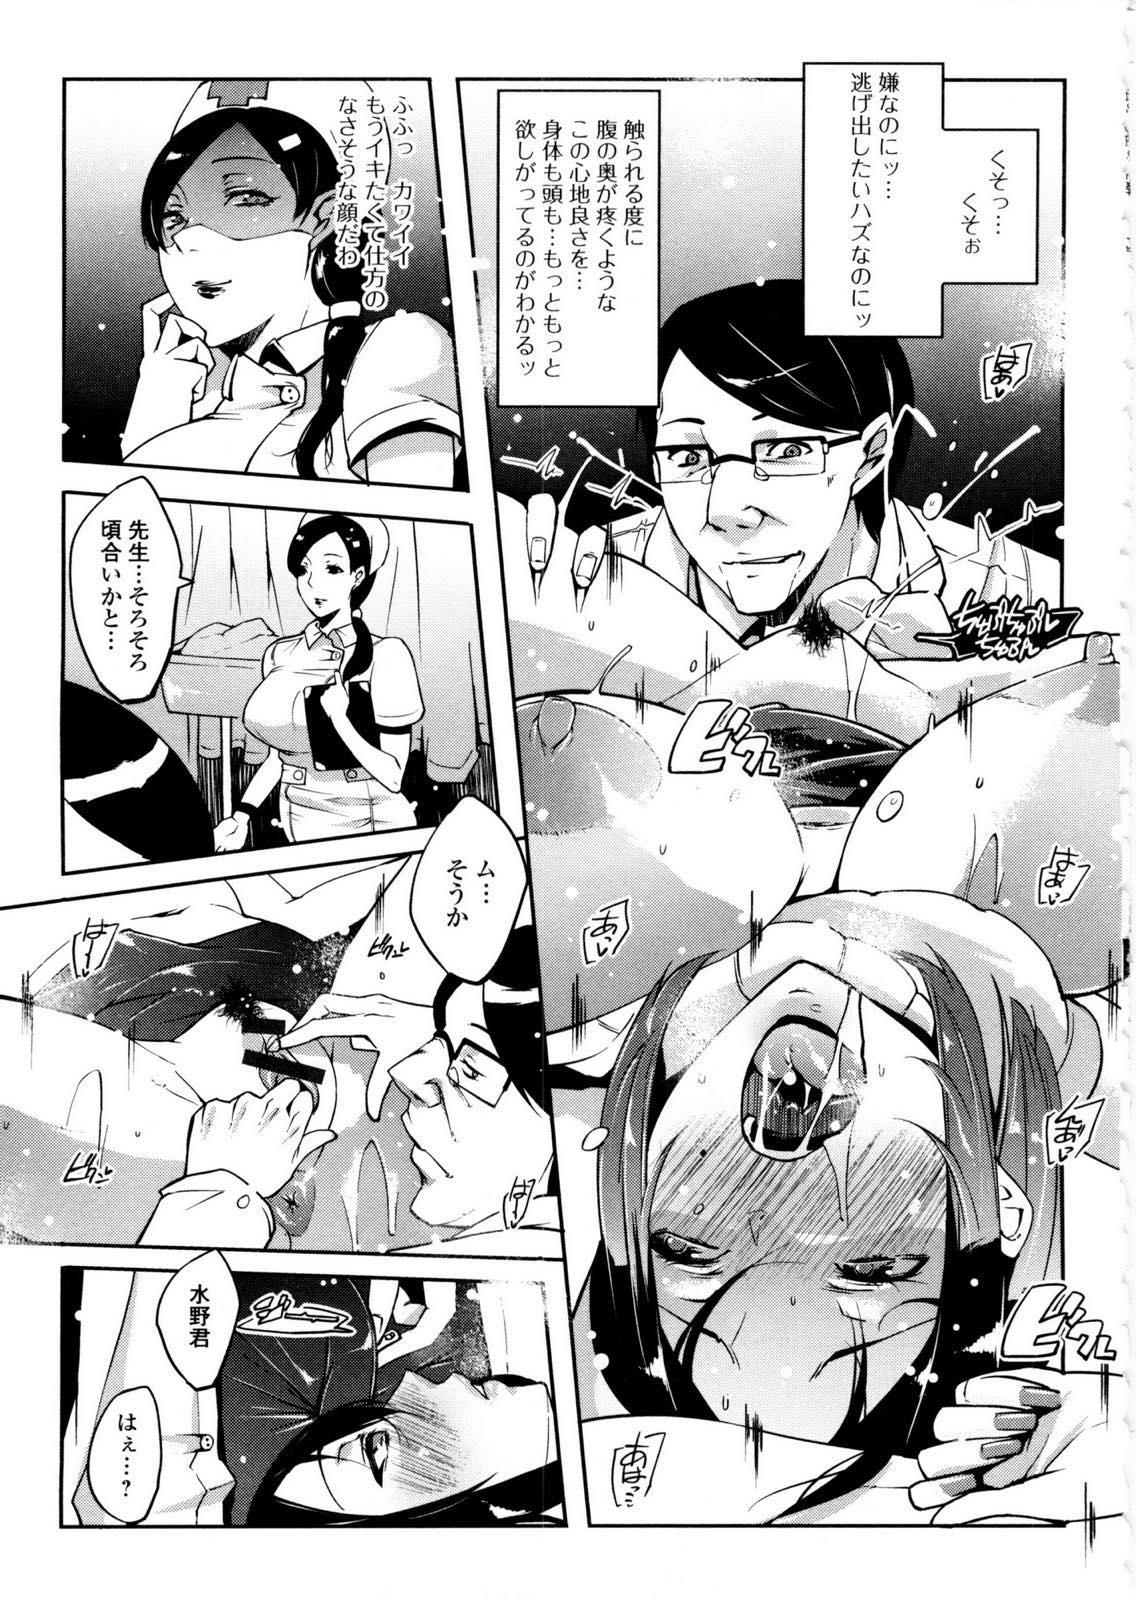 女体化の薬?…ドSなマッドサイエンティストに嬲られ【エロ漫画】